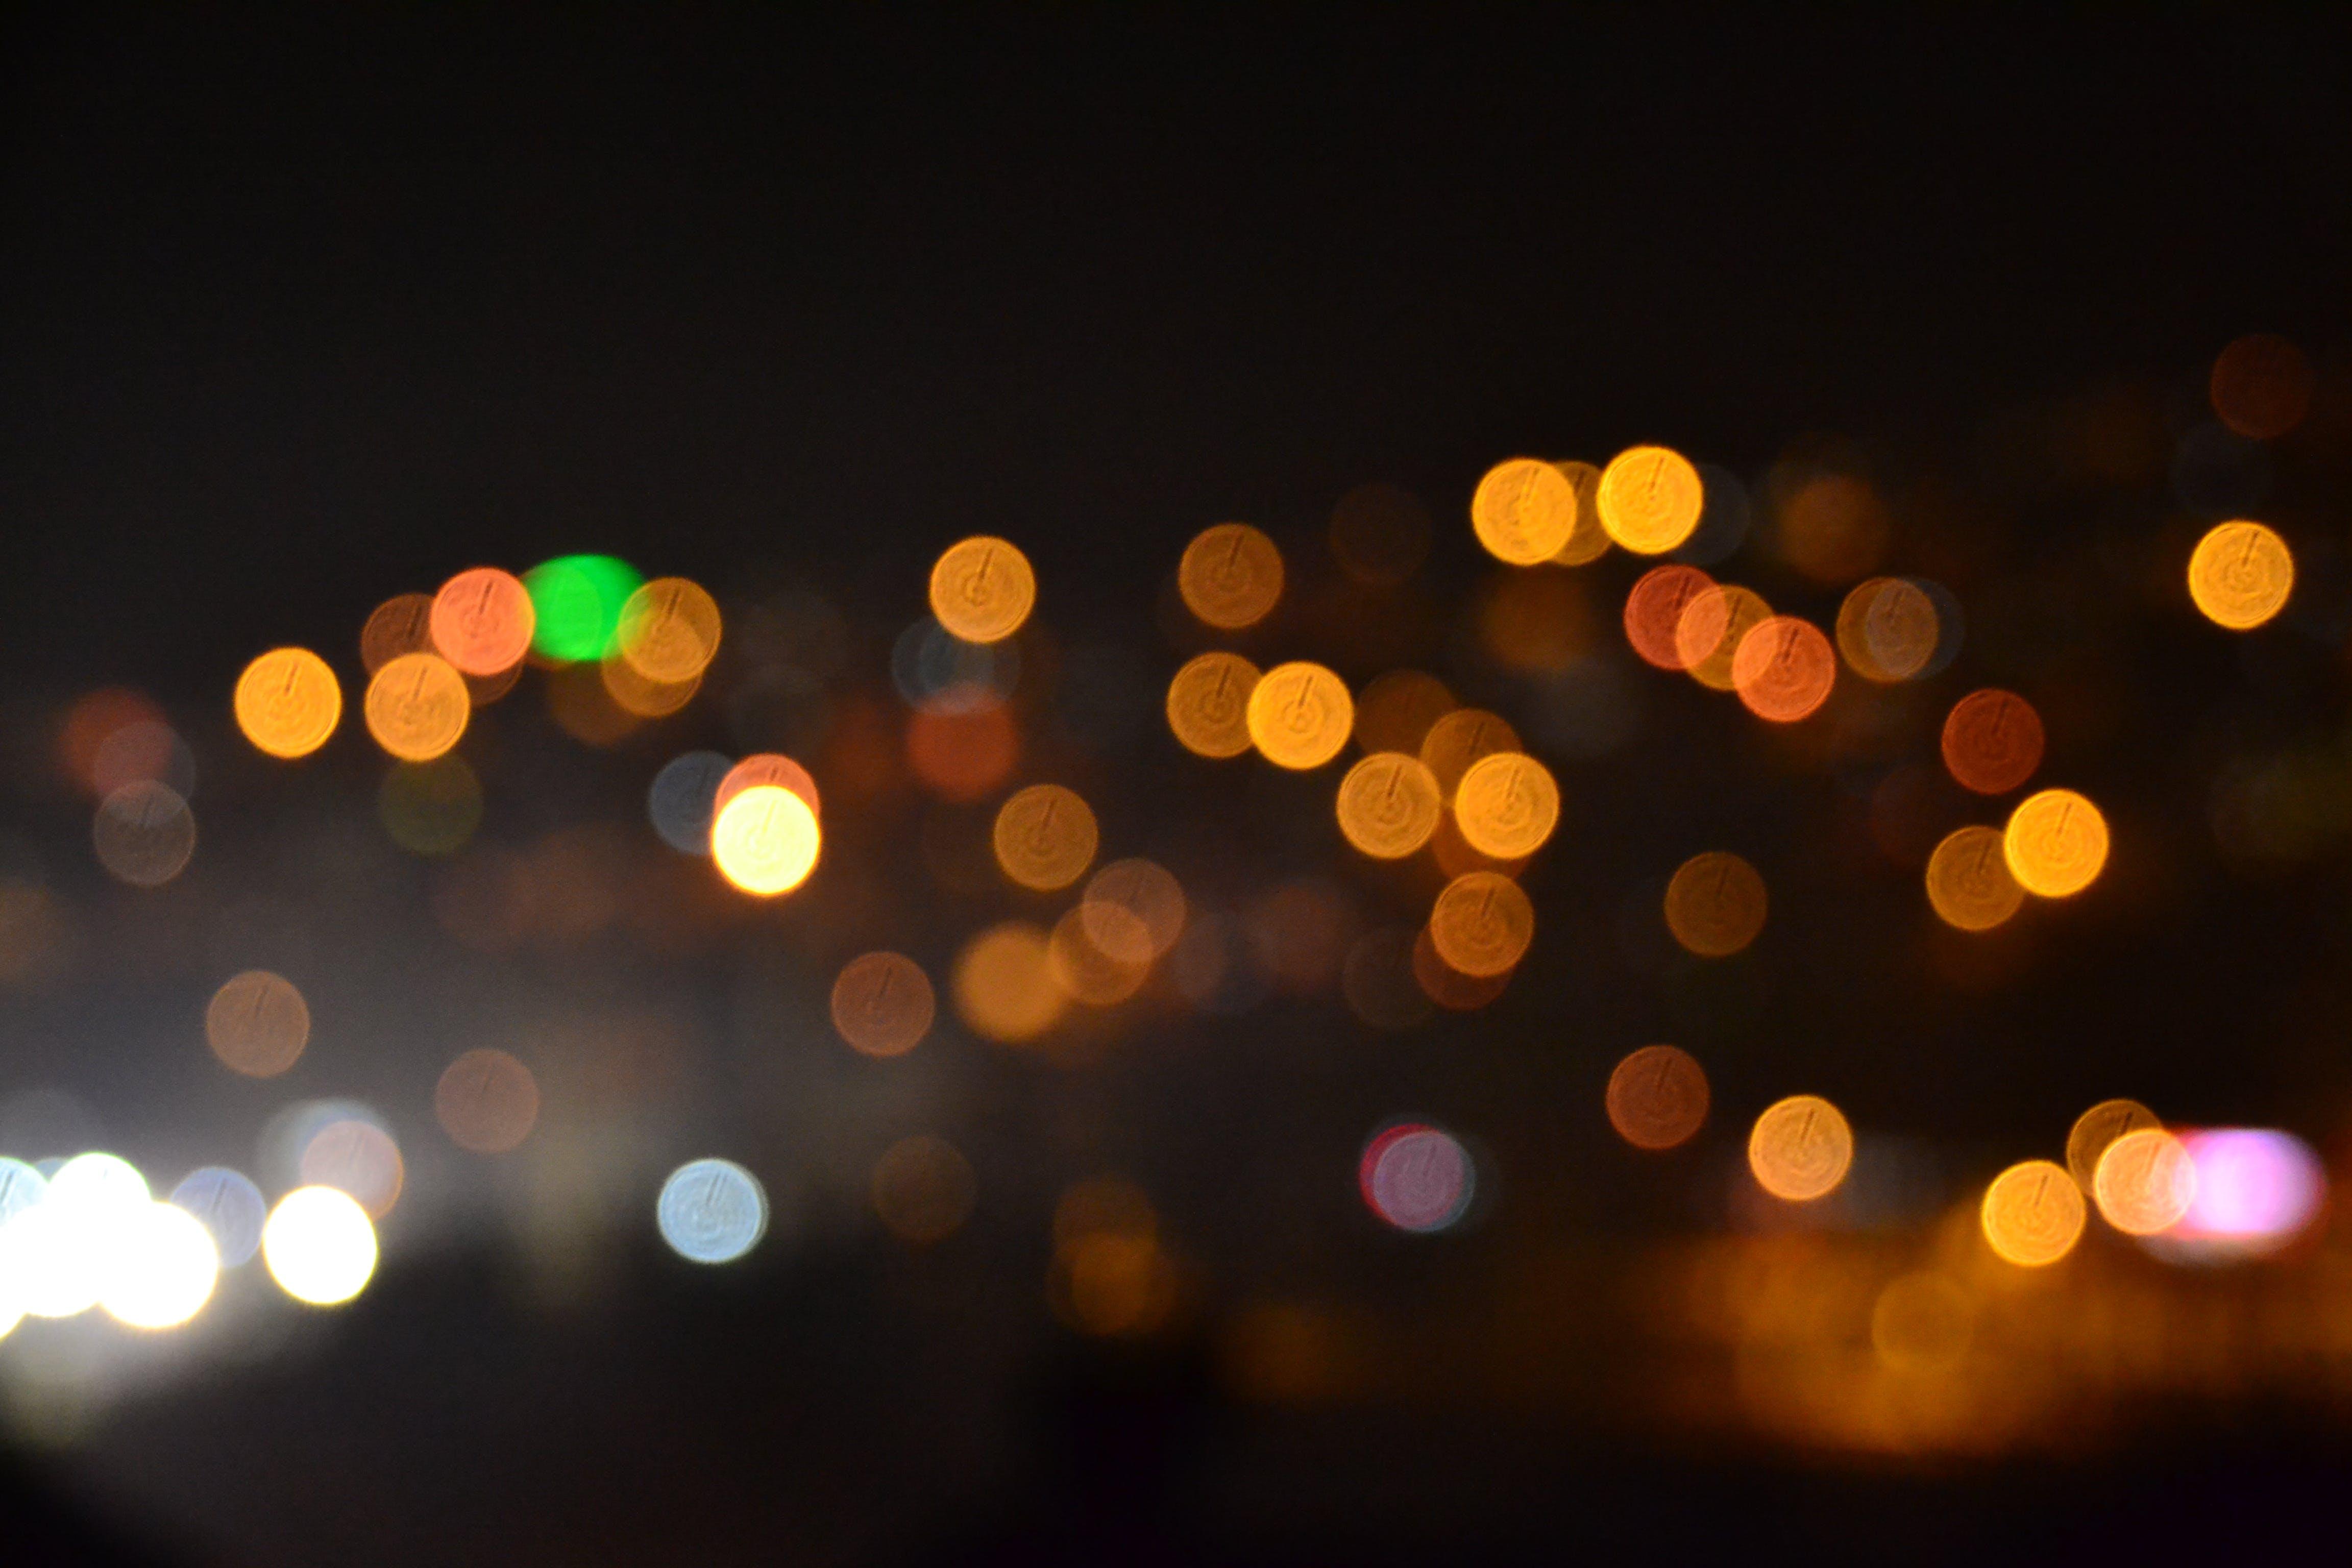 Free stock photo of blur, bokeh, colors, dark